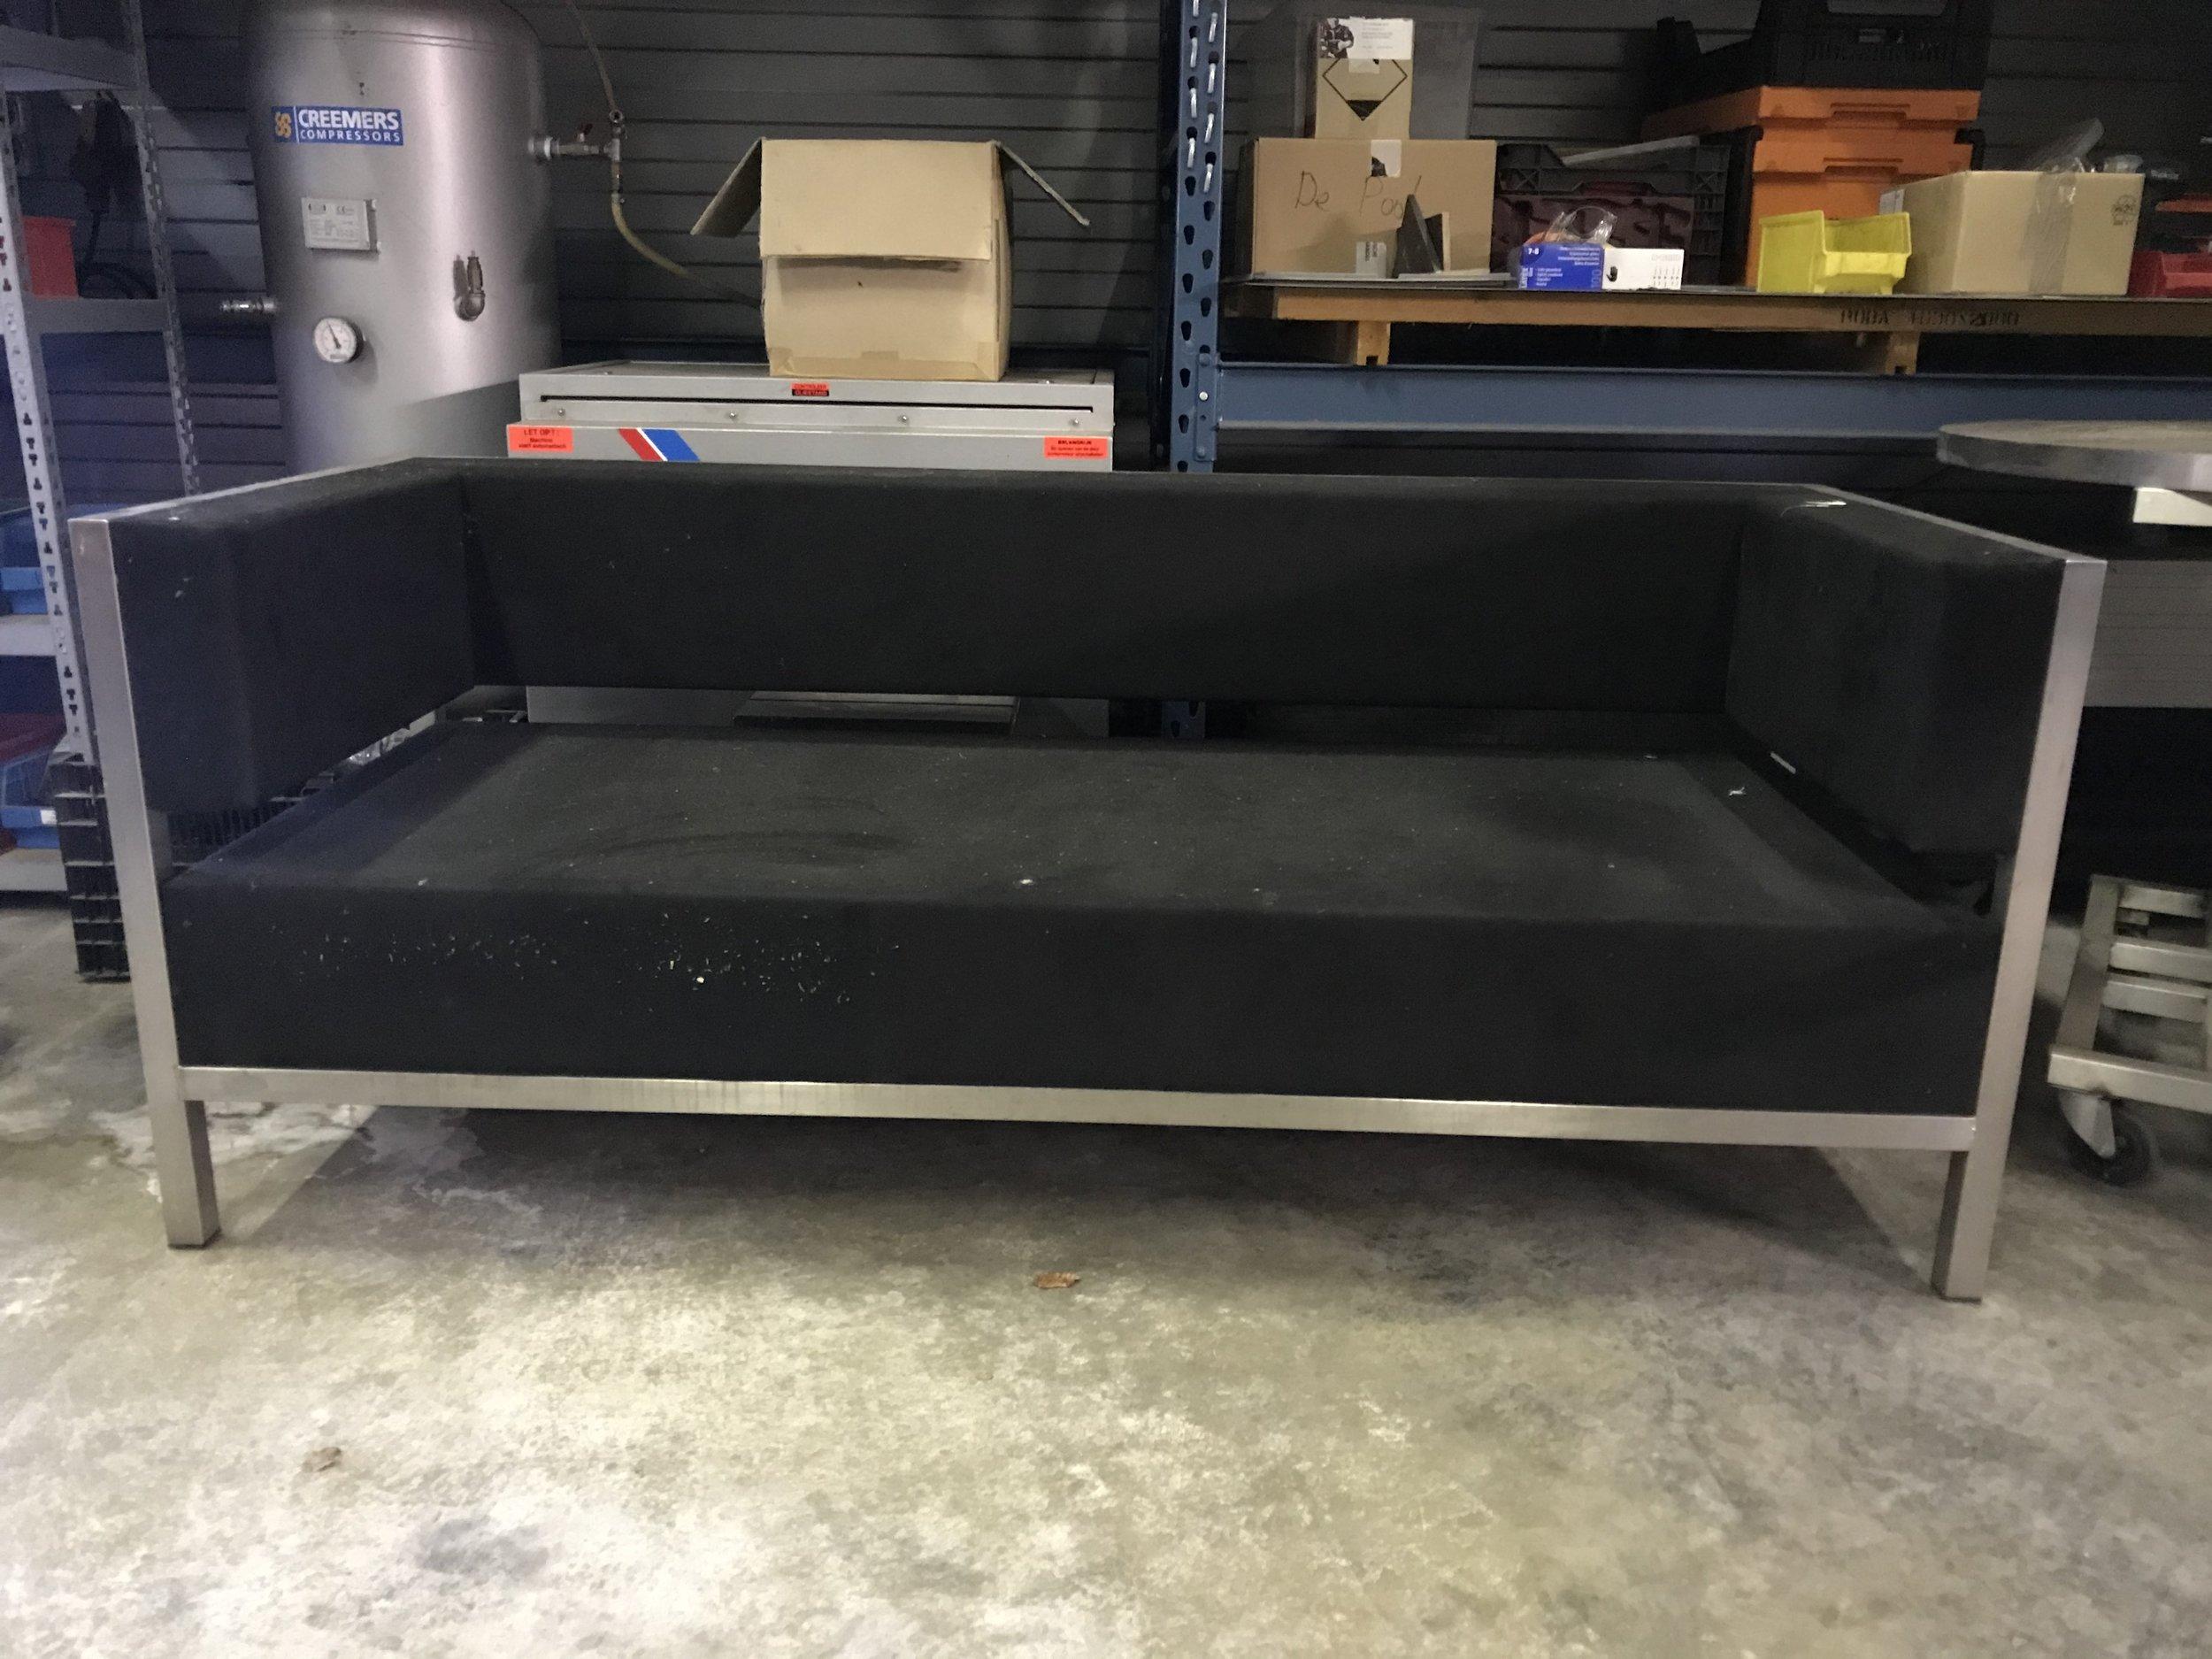 OUTLET Shelter Bank L 200  Normaal 4050 ,- NU showroom model 1620,- Showroom model,zelf te reinigen (foto is voorbeeld)